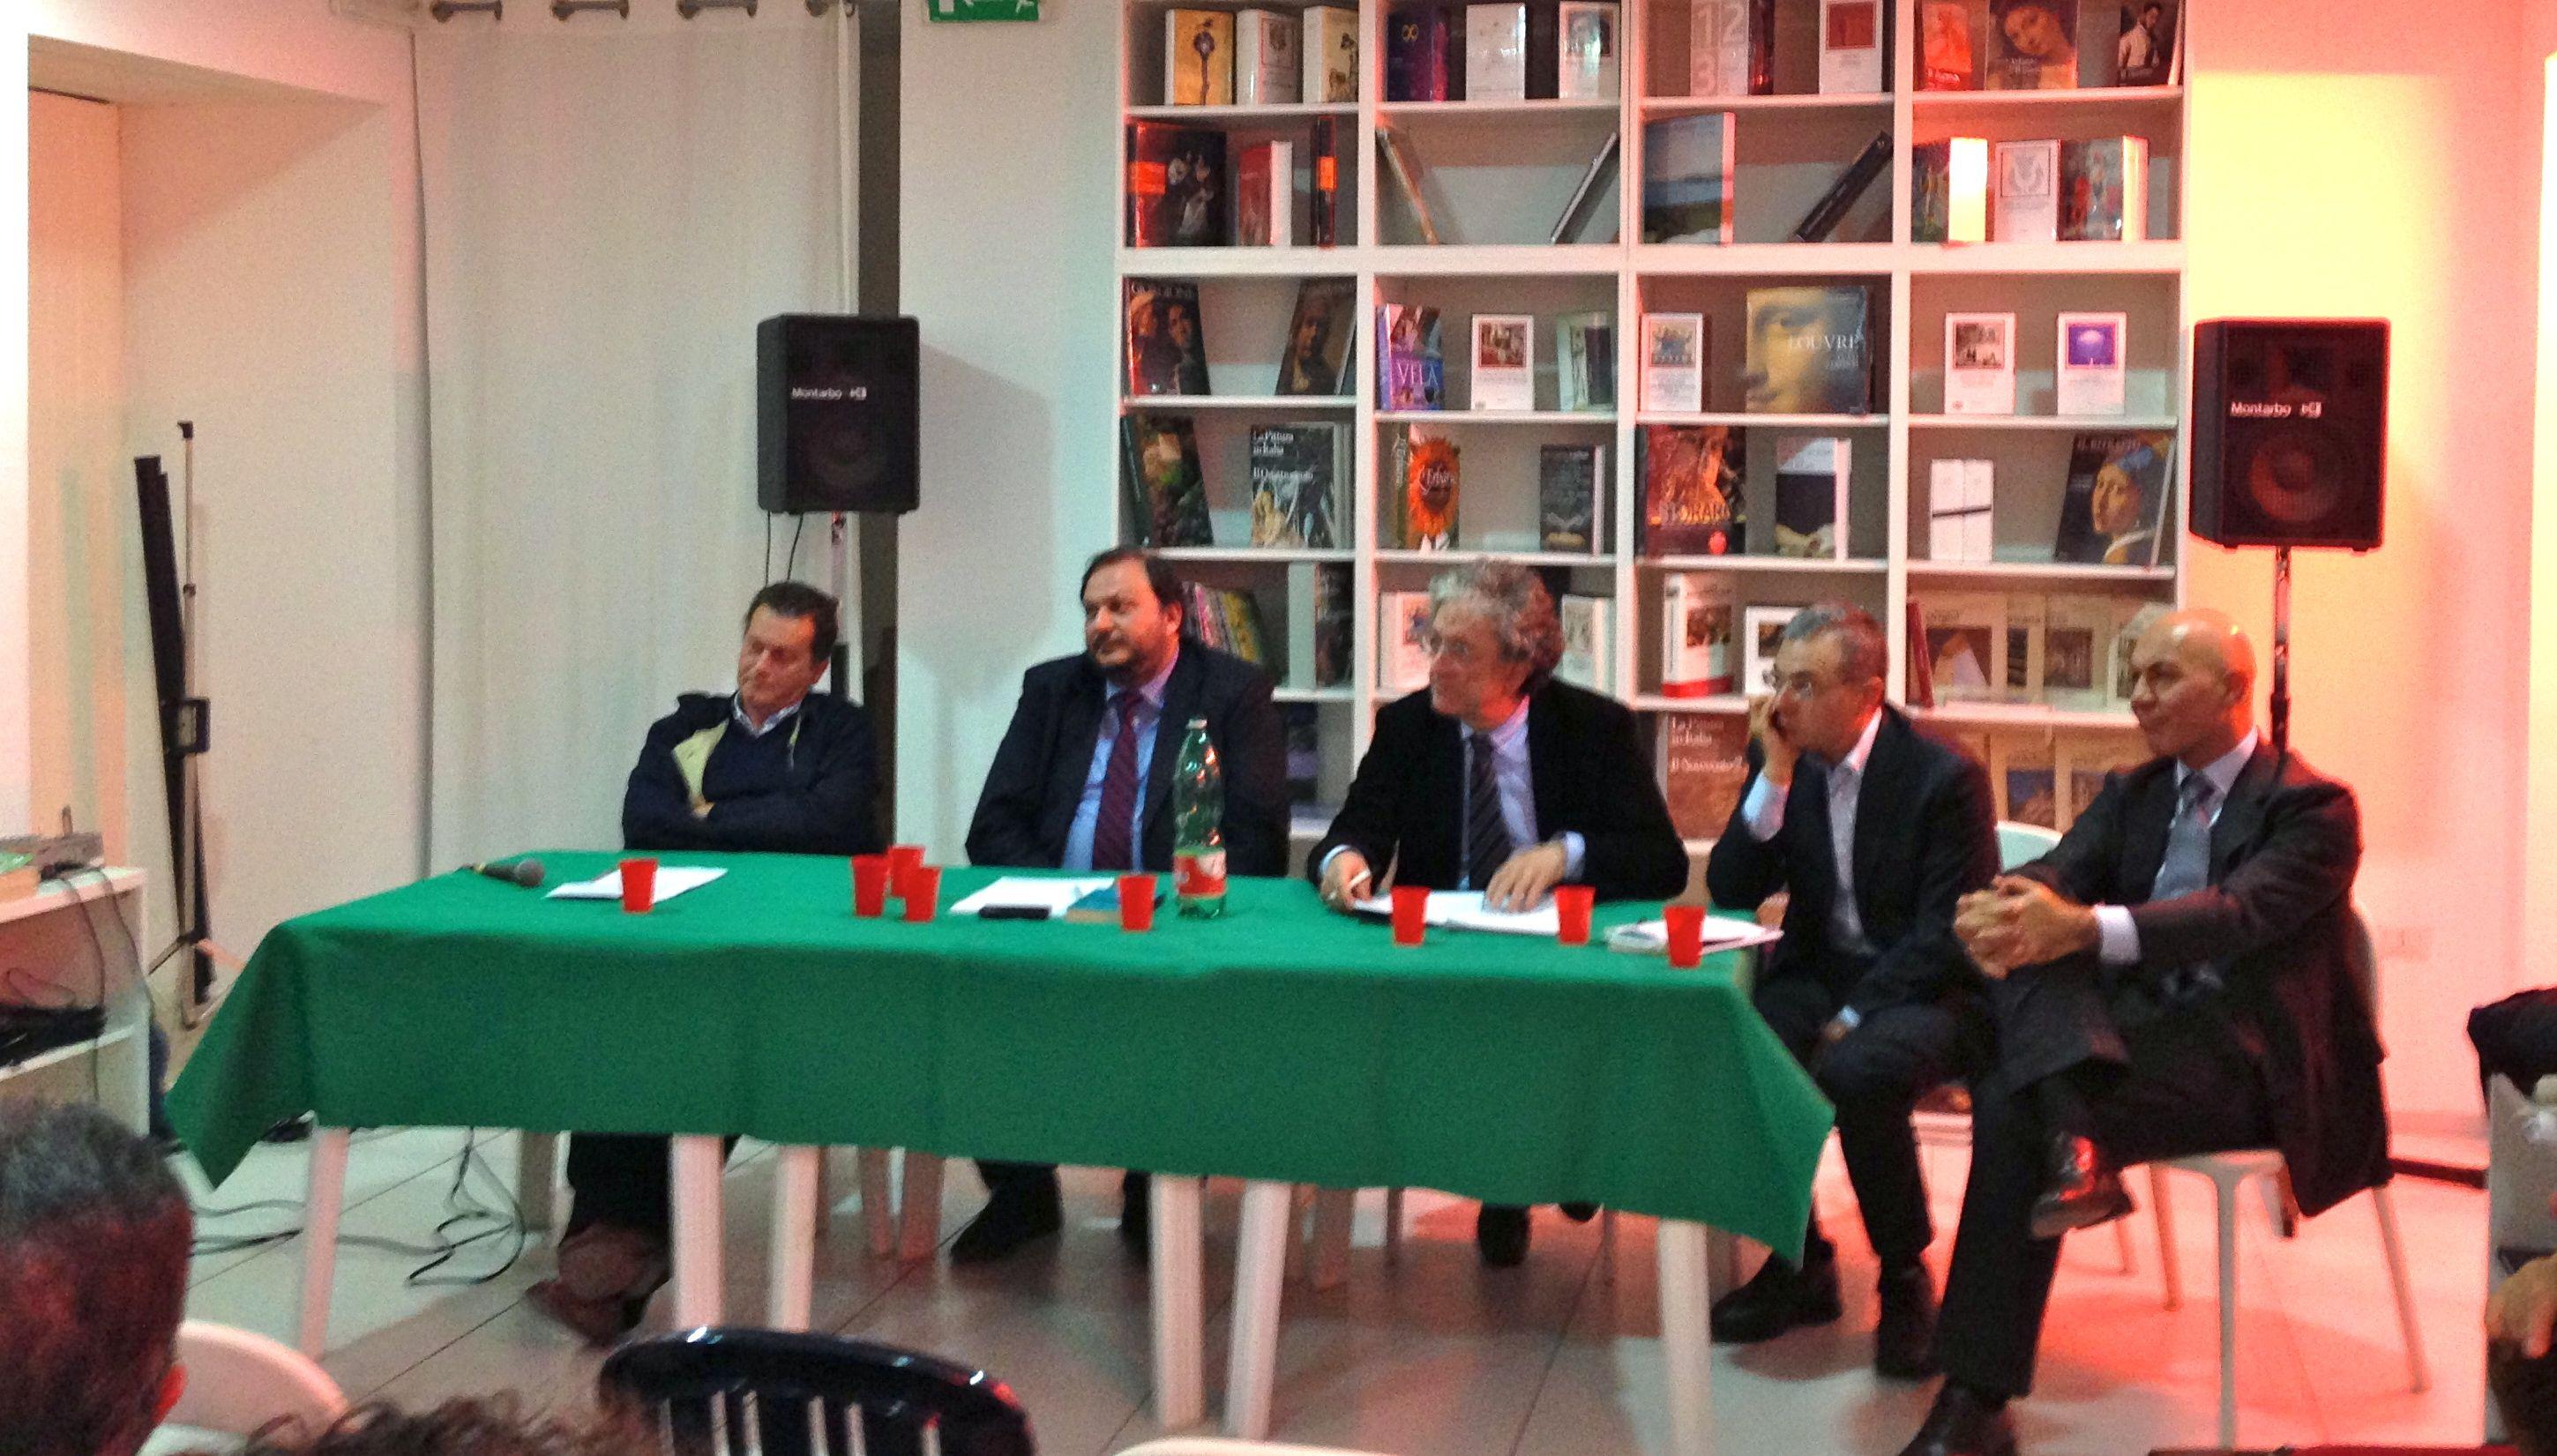 Morando-Tonini: senza Europa l'Italia non potrà mai crescere